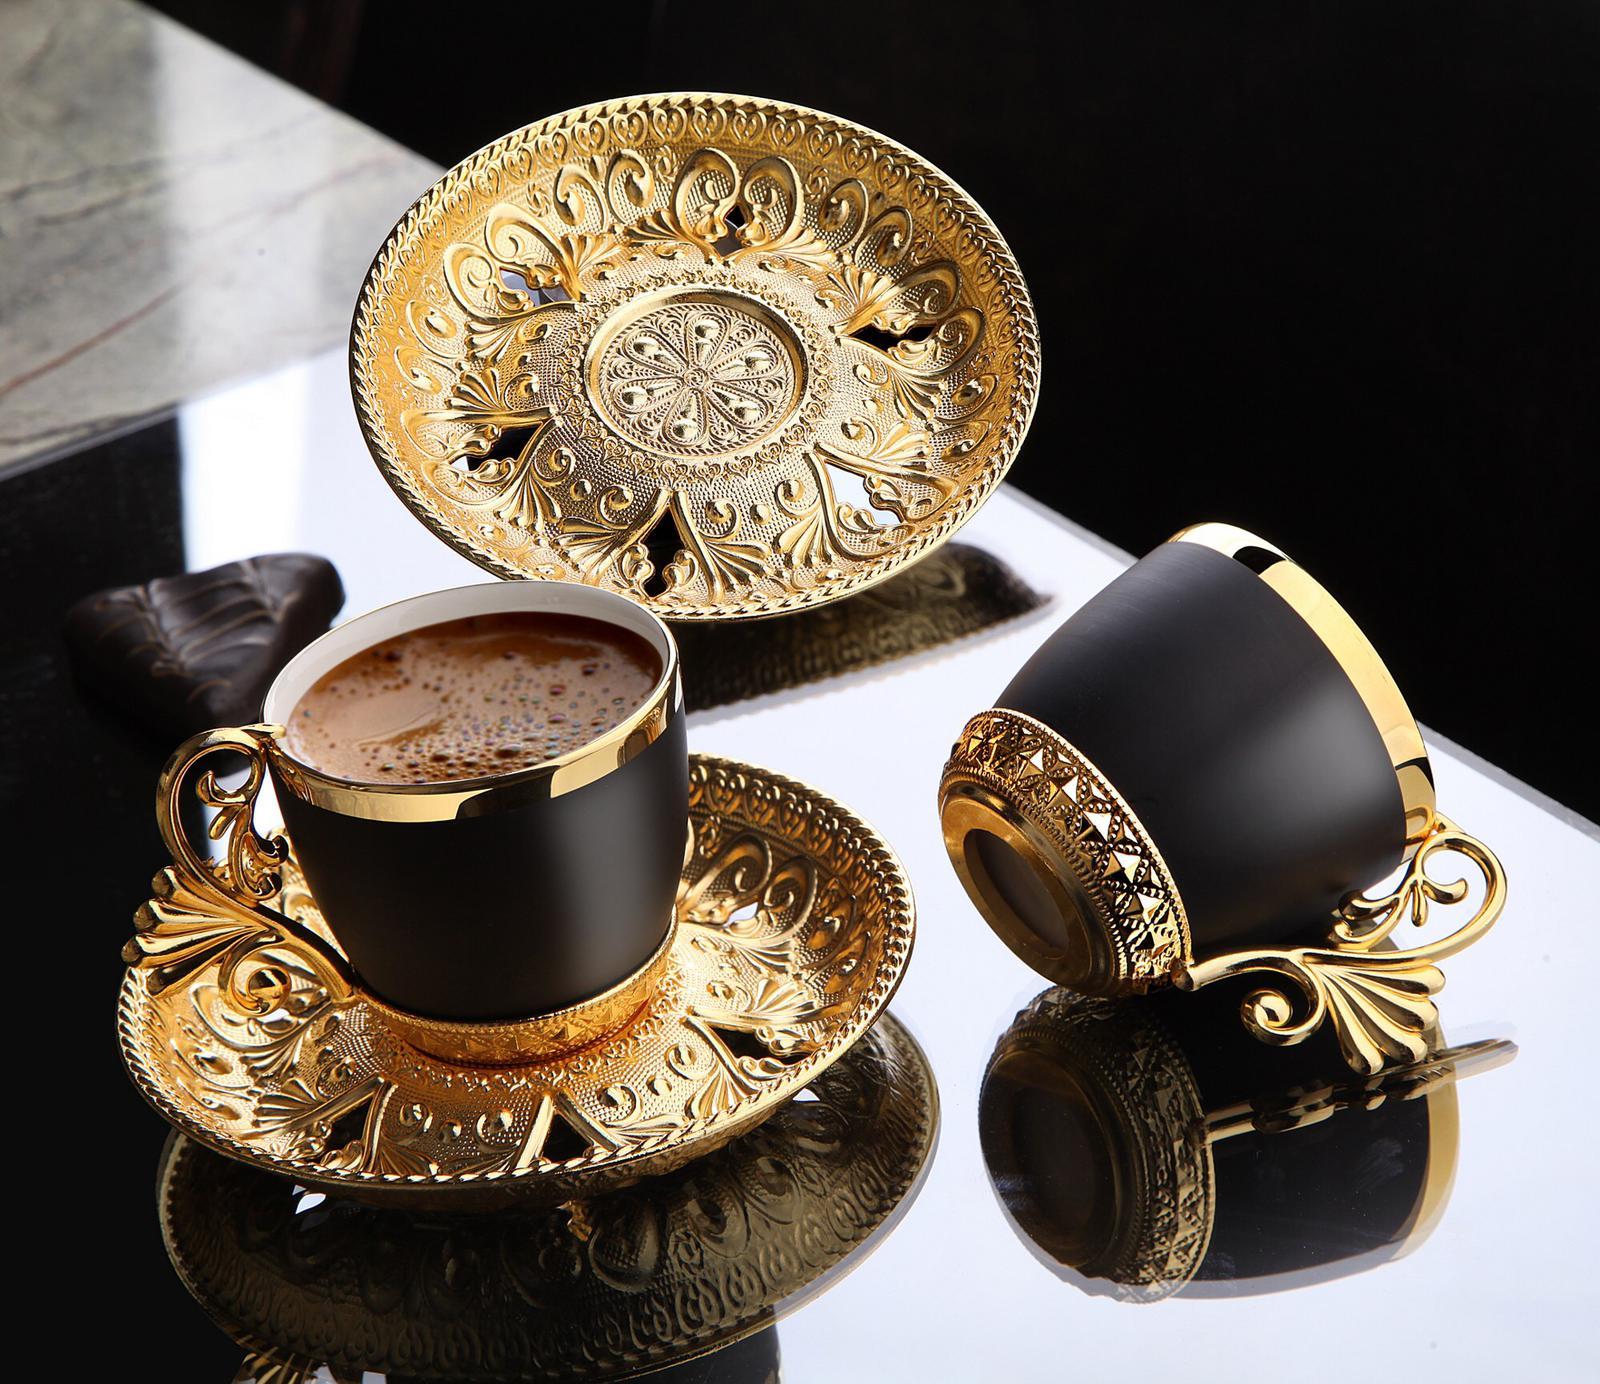 12 قطع التركية أكواب القهوة اسبرسو الخزف Demitasse كوب الصحن الأسود أكواب (الذهب) خمر العربية طقم هدايا